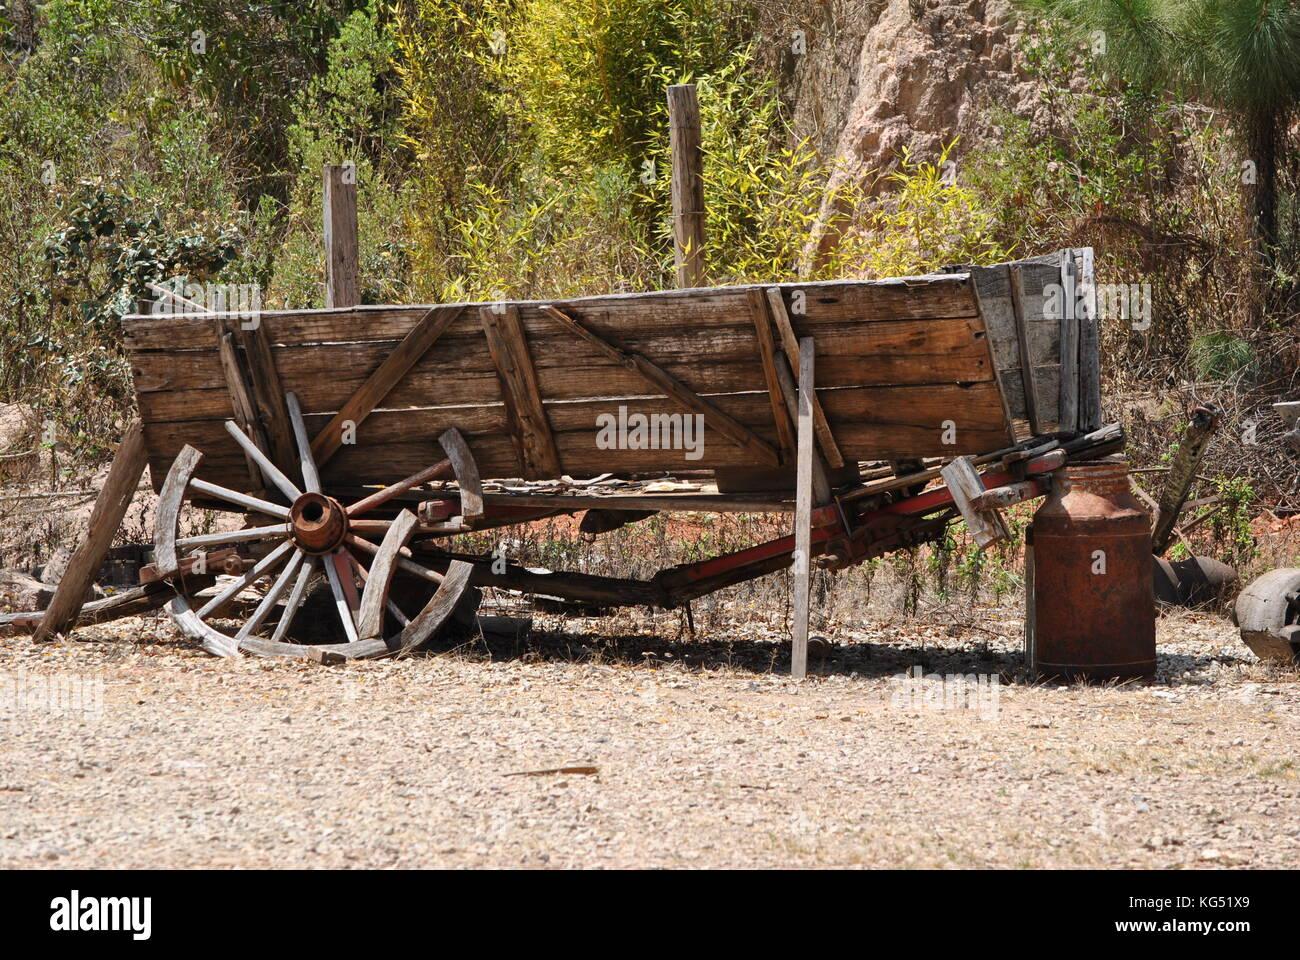 Wagon wheel broken stock photos wagon wheel broken stock for Things to do with old wagon wheels